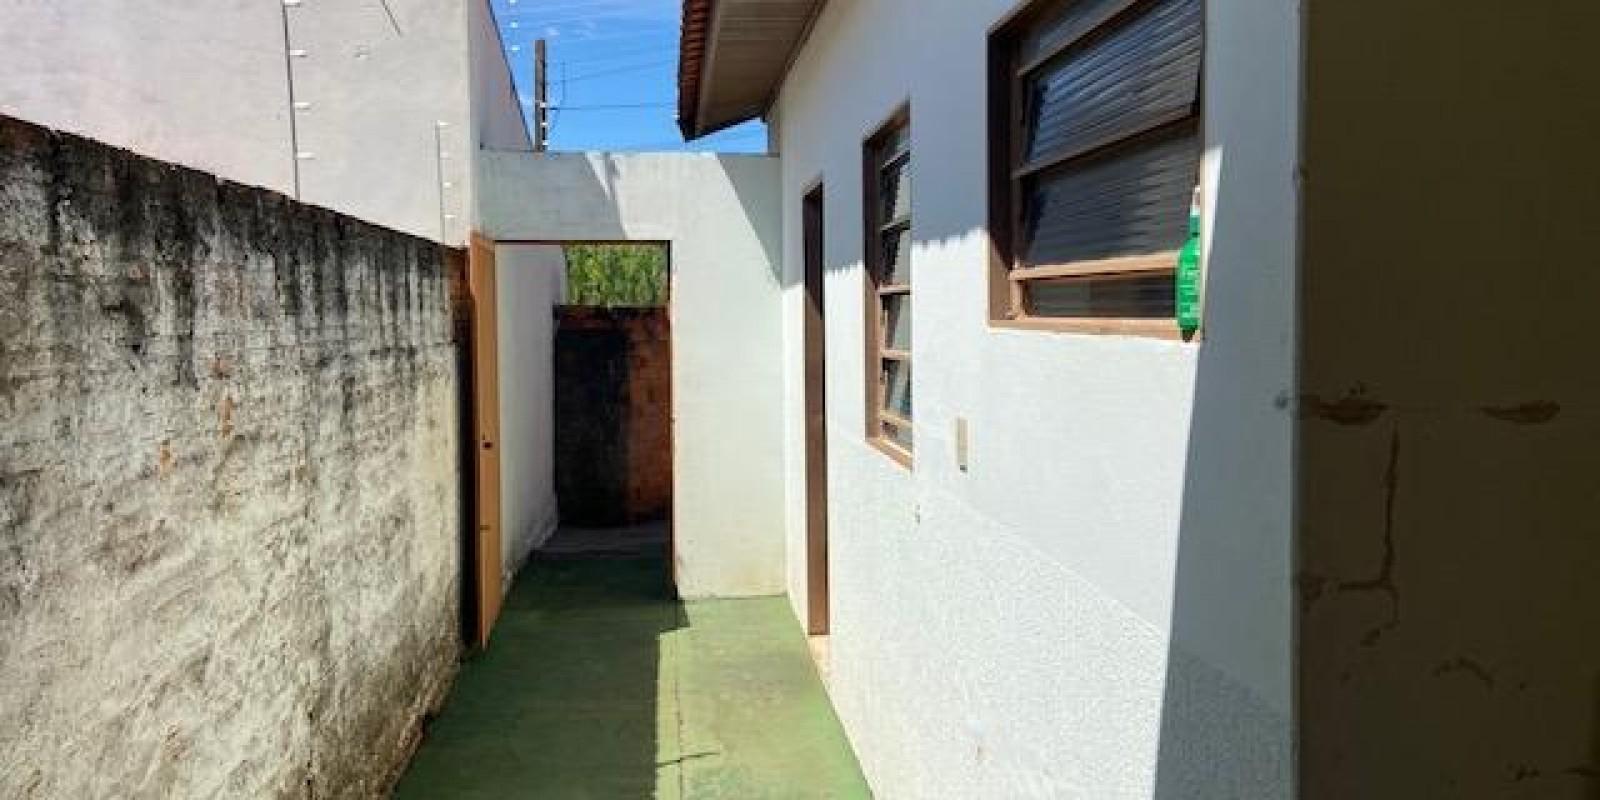 Venda Casa no Bairro Avaré 1 em Avaré SP  - Foto 6 de 14